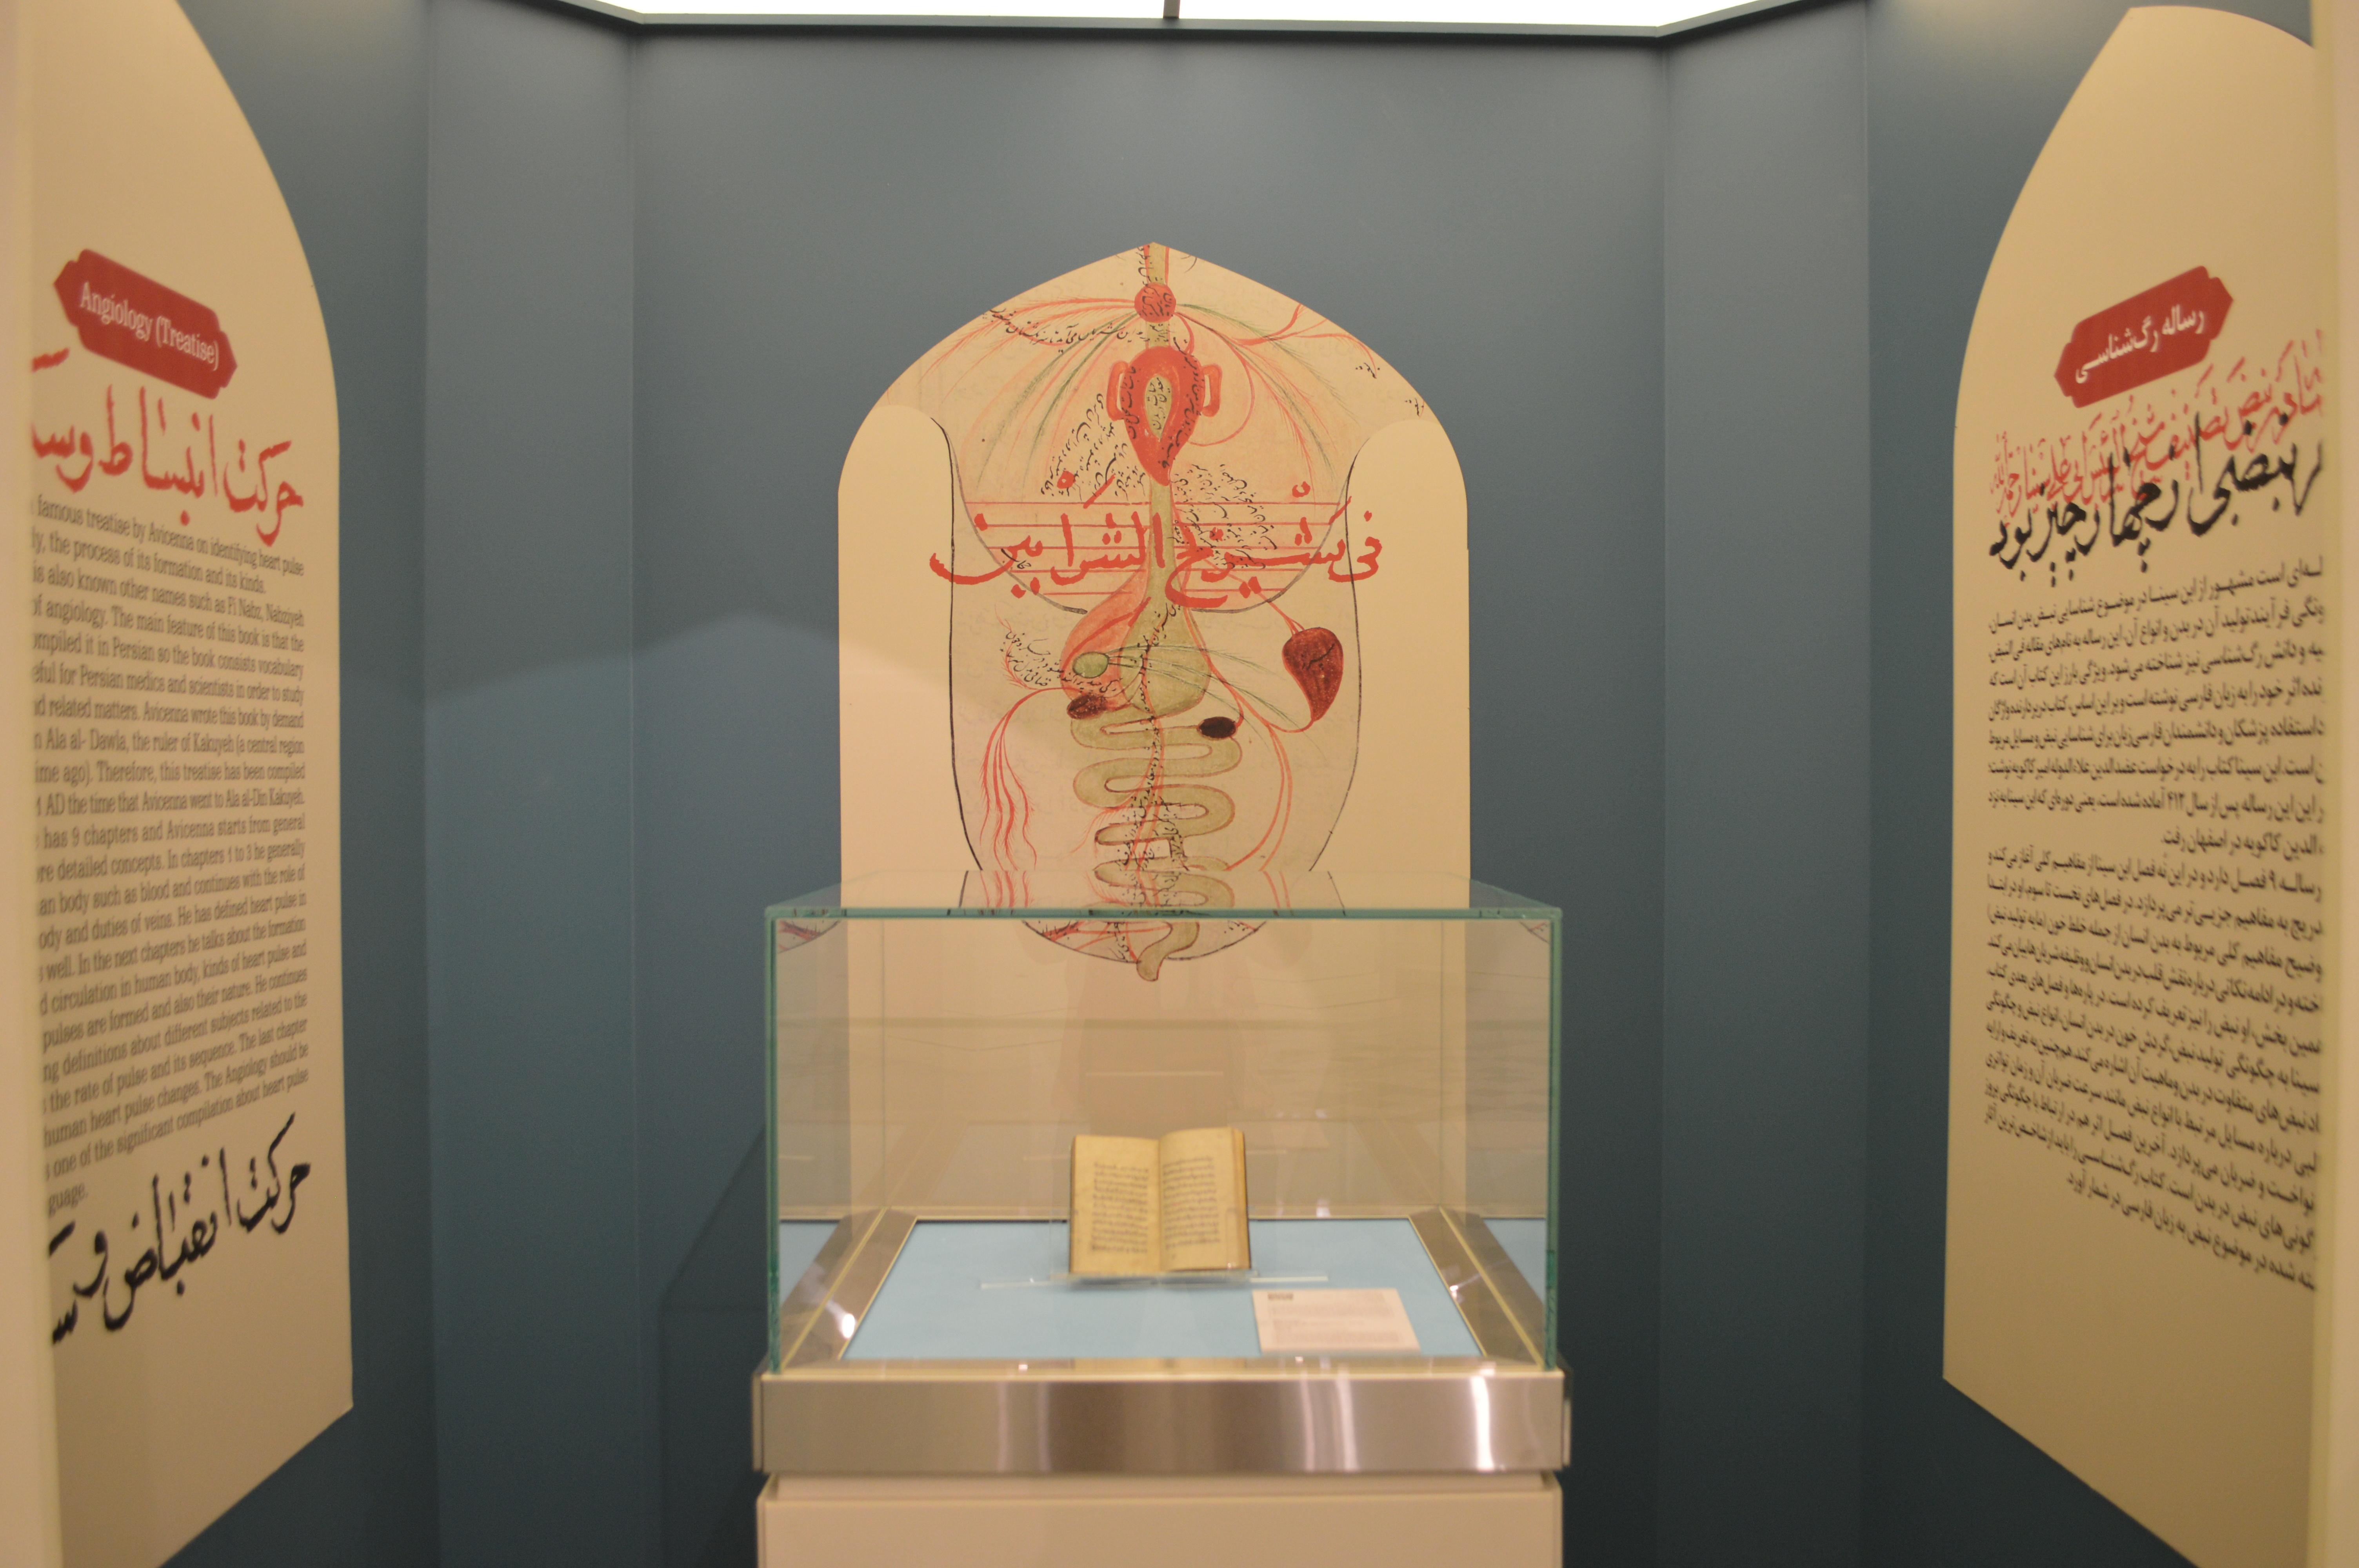 علوم در ایران اسلامی2